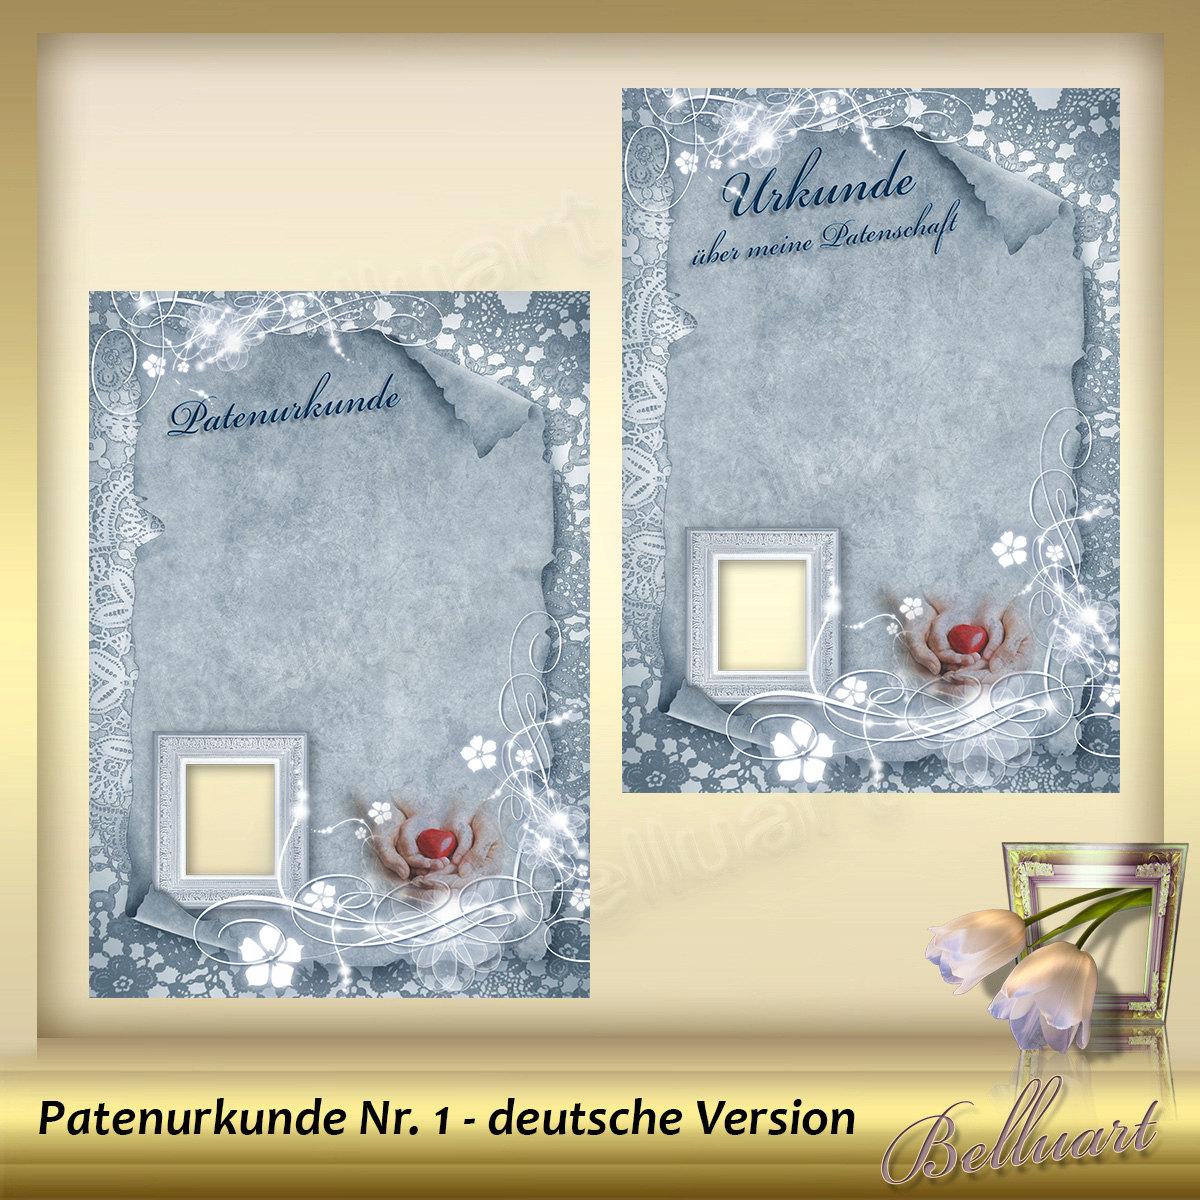 Vorlage für Patenurkunde - Patenbrief- für Patentante - DIN A4 ...